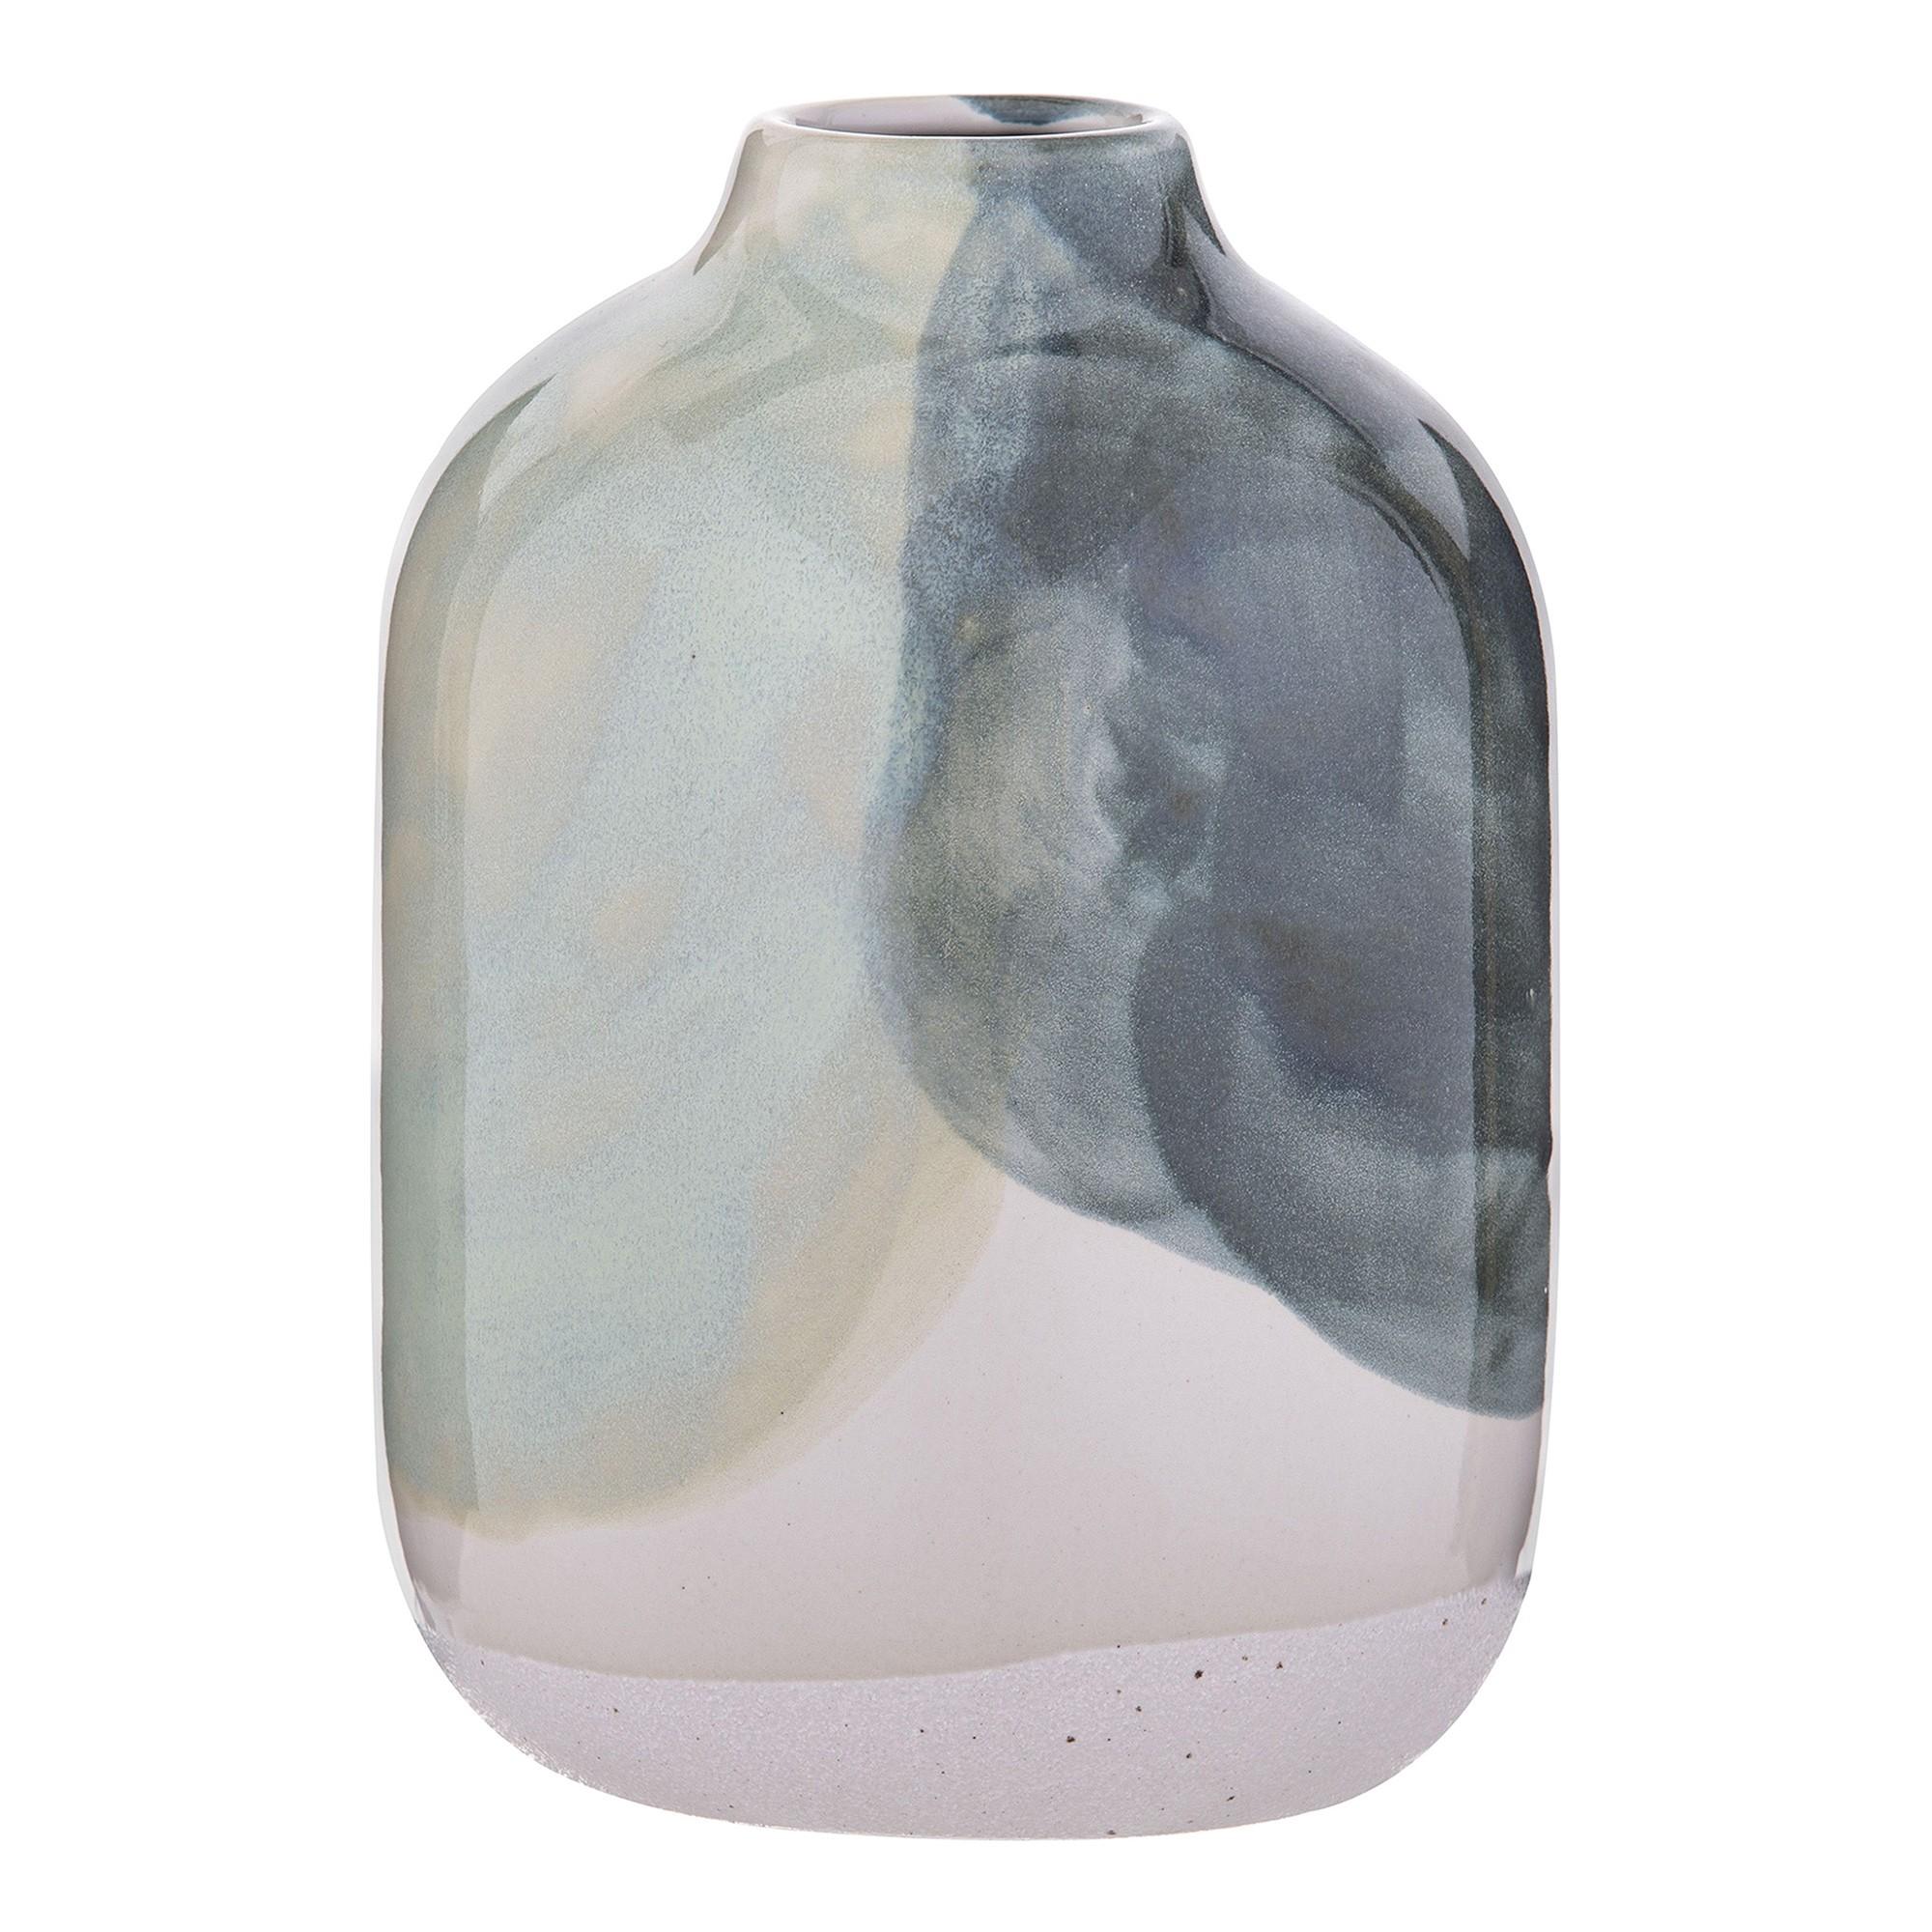 Edan Ceramic Vessel, Large